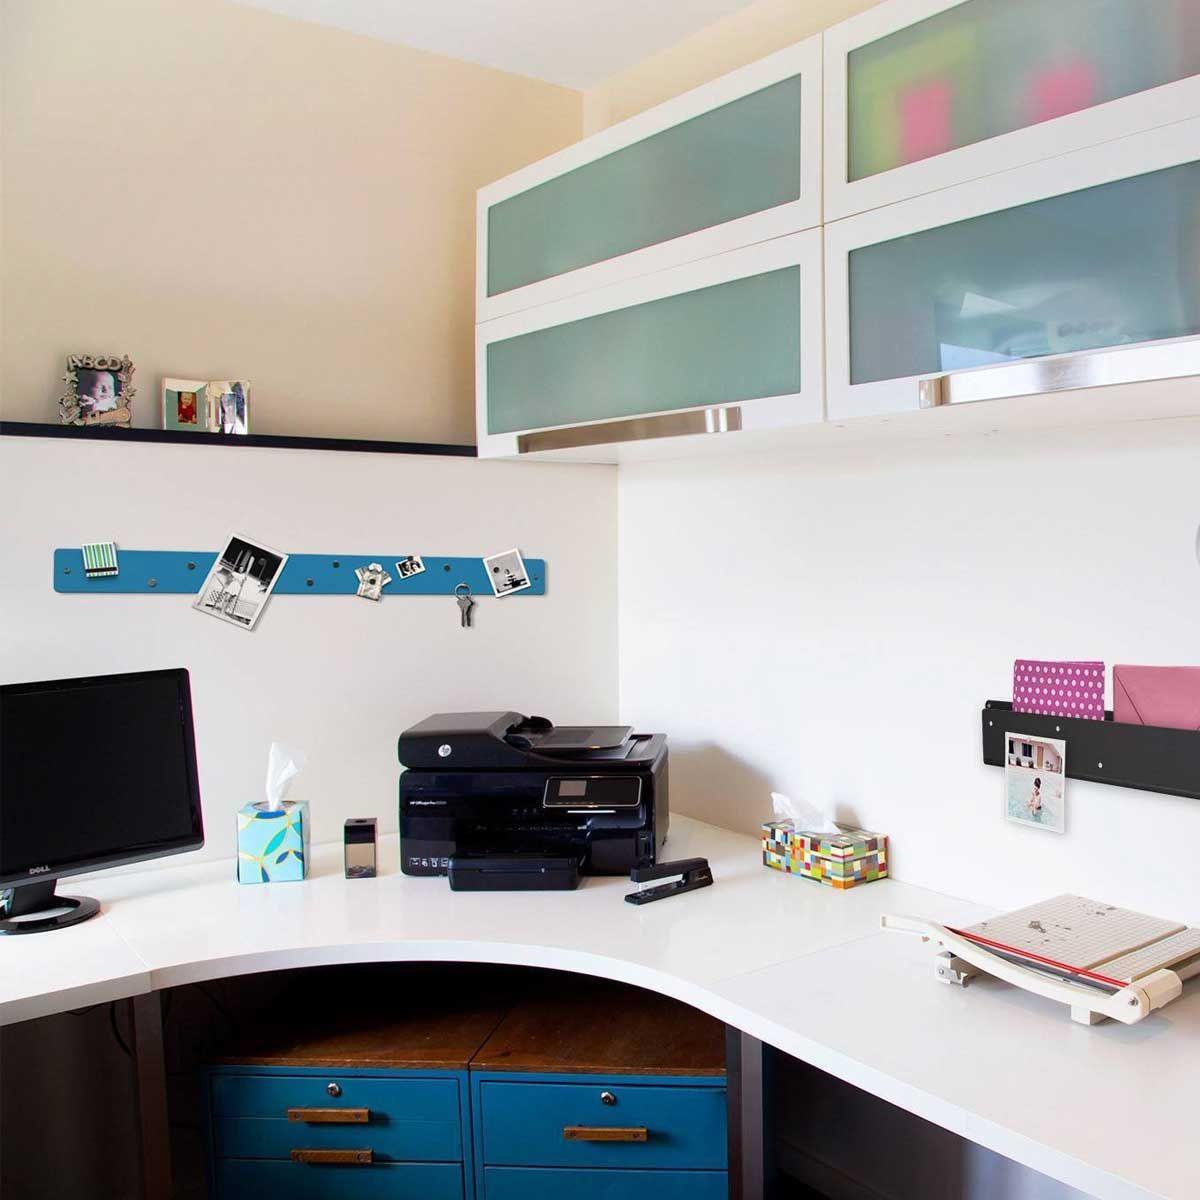 barre magn tique murale bleue affichage. Black Bedroom Furniture Sets. Home Design Ideas